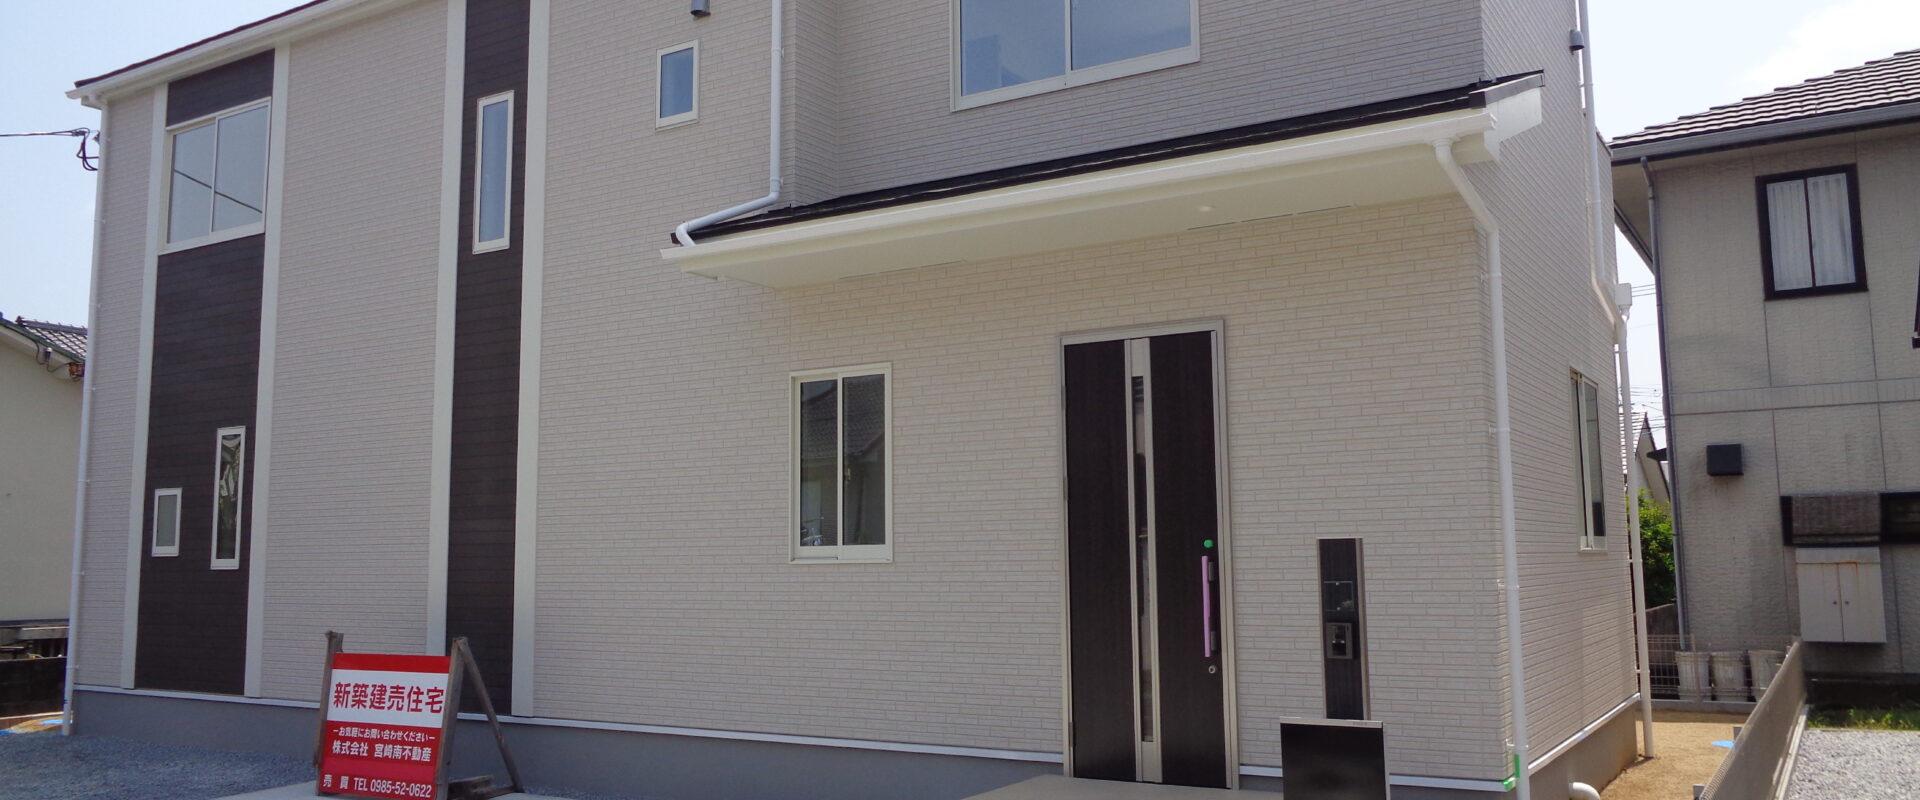 パーマリンク先: 【売買】希望ヶ丘 4LDK 新築戸建